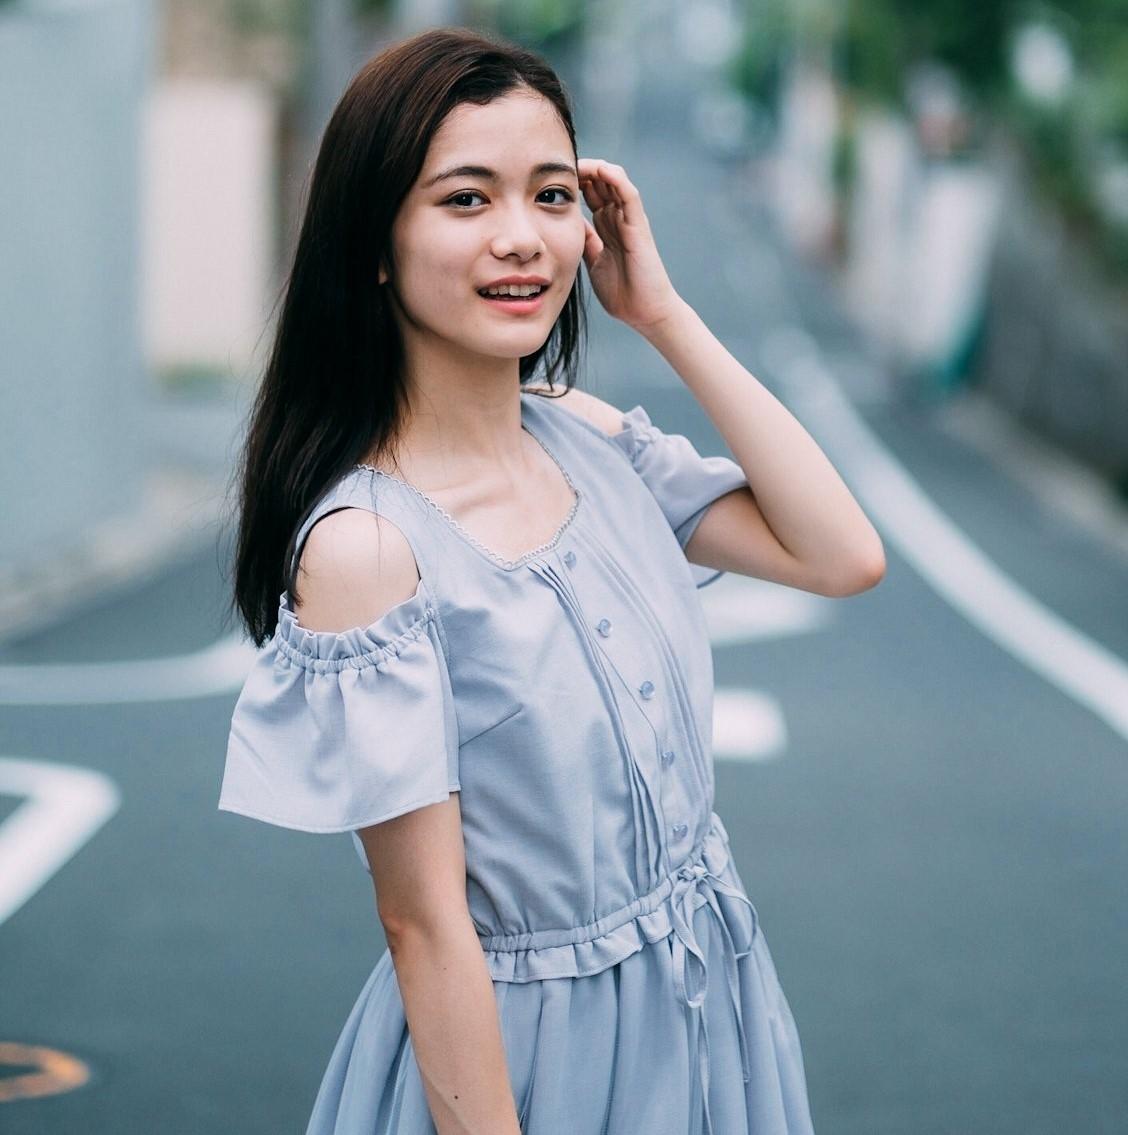 上田彩瑛のカップ、美脚スタイル